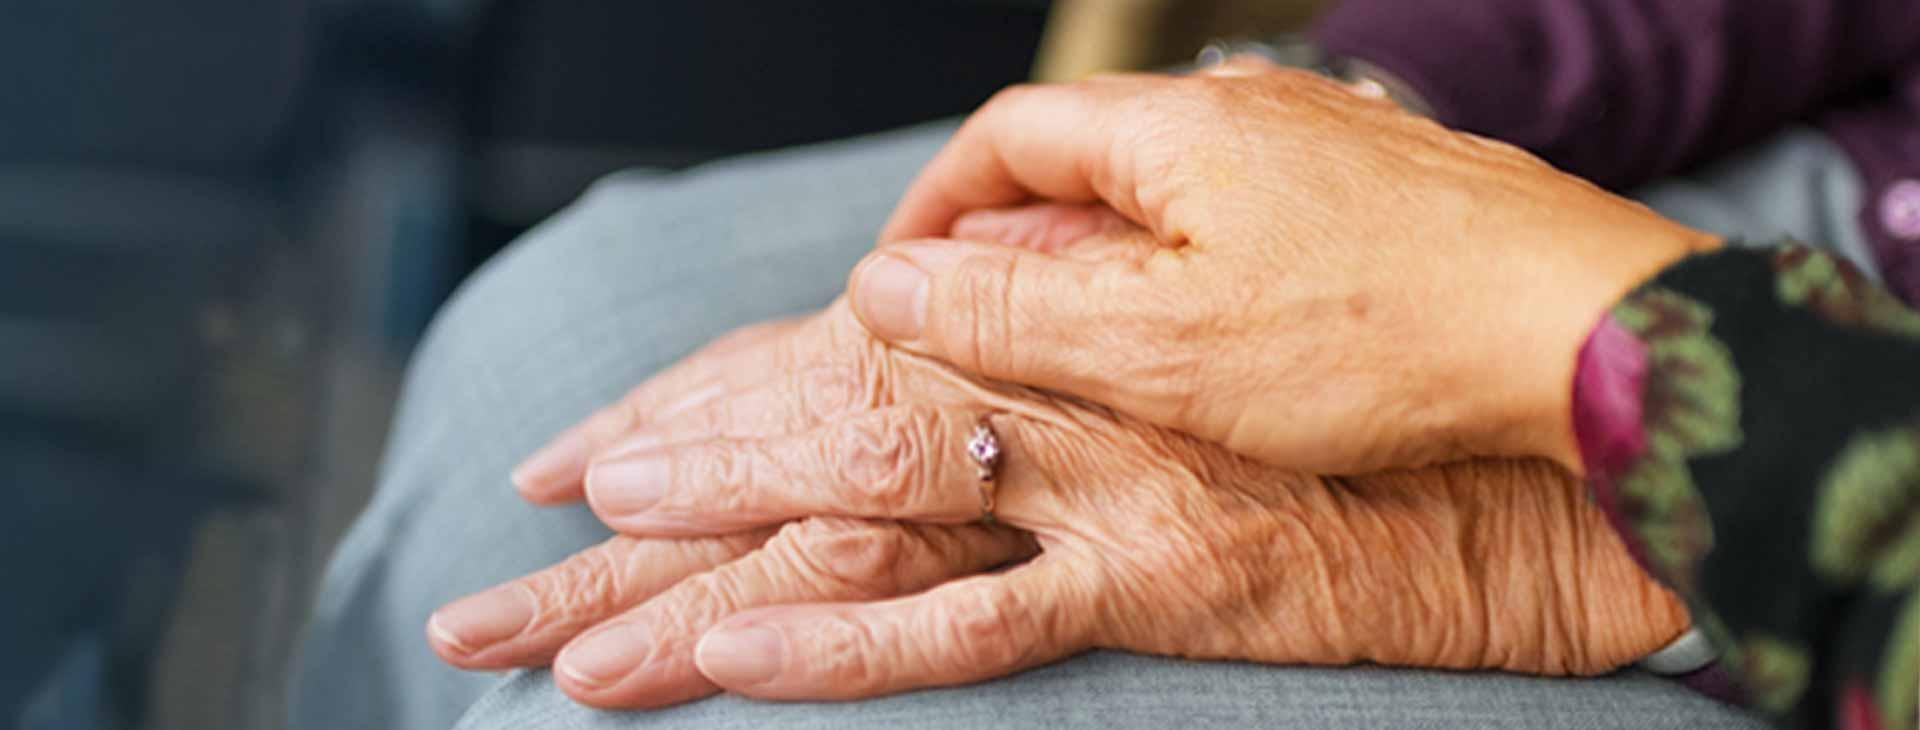 Alzheimer's Awareness Month